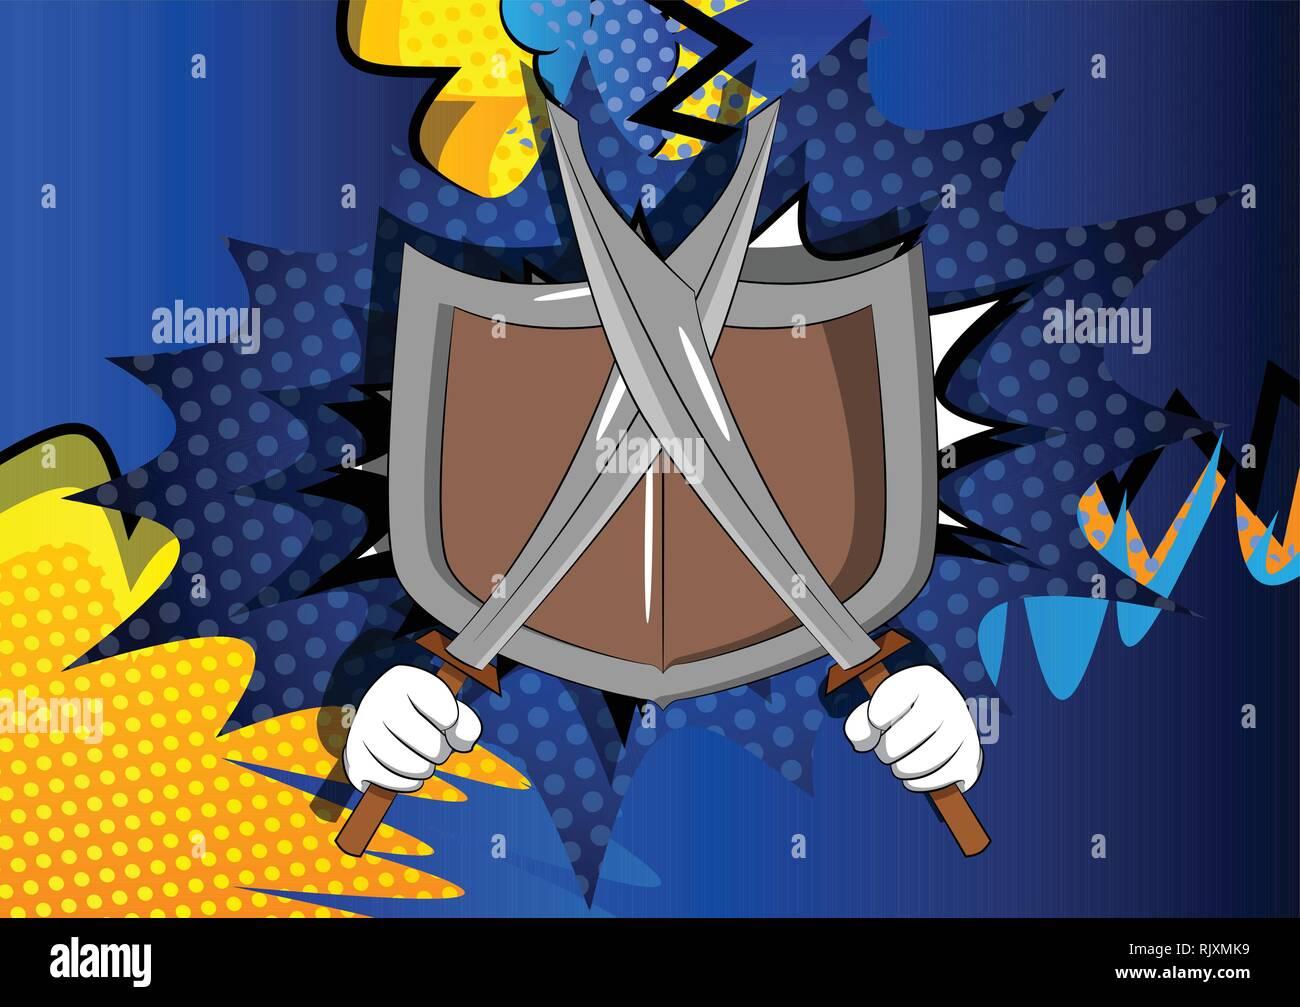 Vektor cartoon Hände halten zwei Schwerter mit Schild. Illustrierte Zeichen auf Comic Hintergrund. Stock Vektor